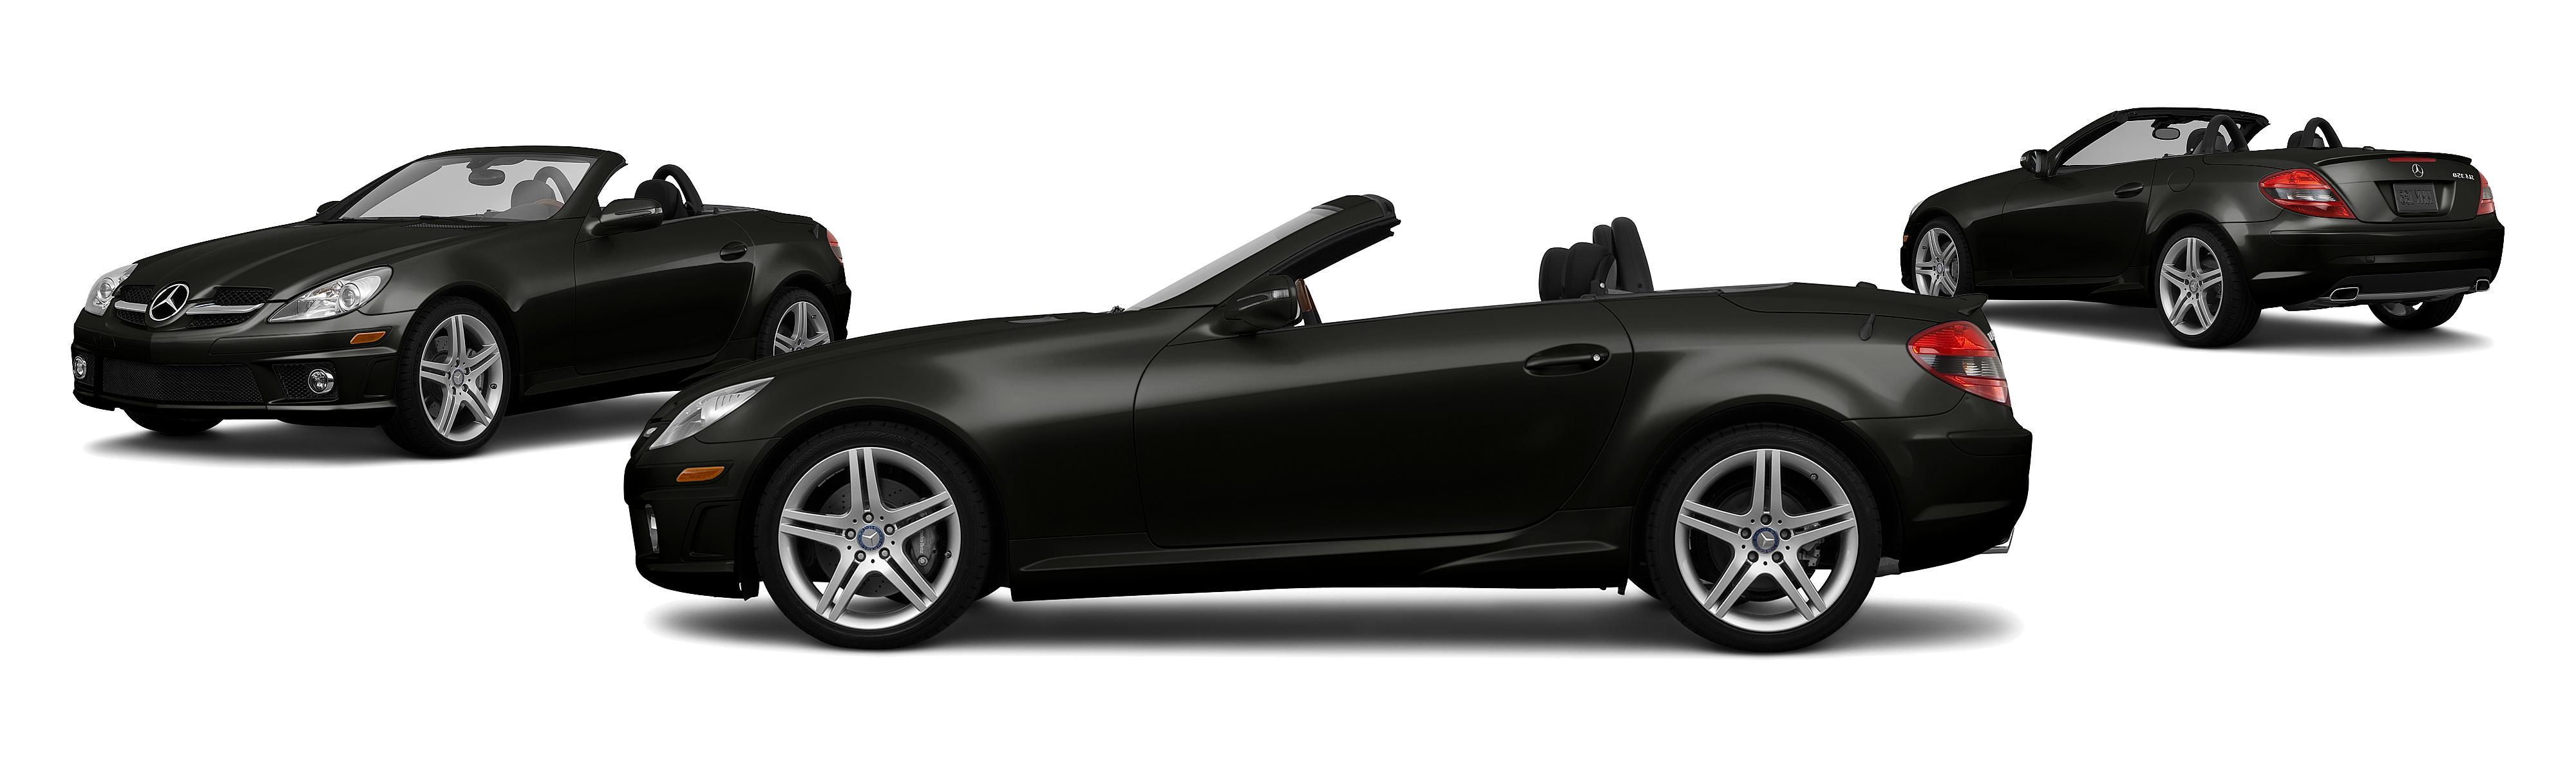 2011 Mercedes Benz SLK SLK 350 2dr Convertible Research GrooveCar